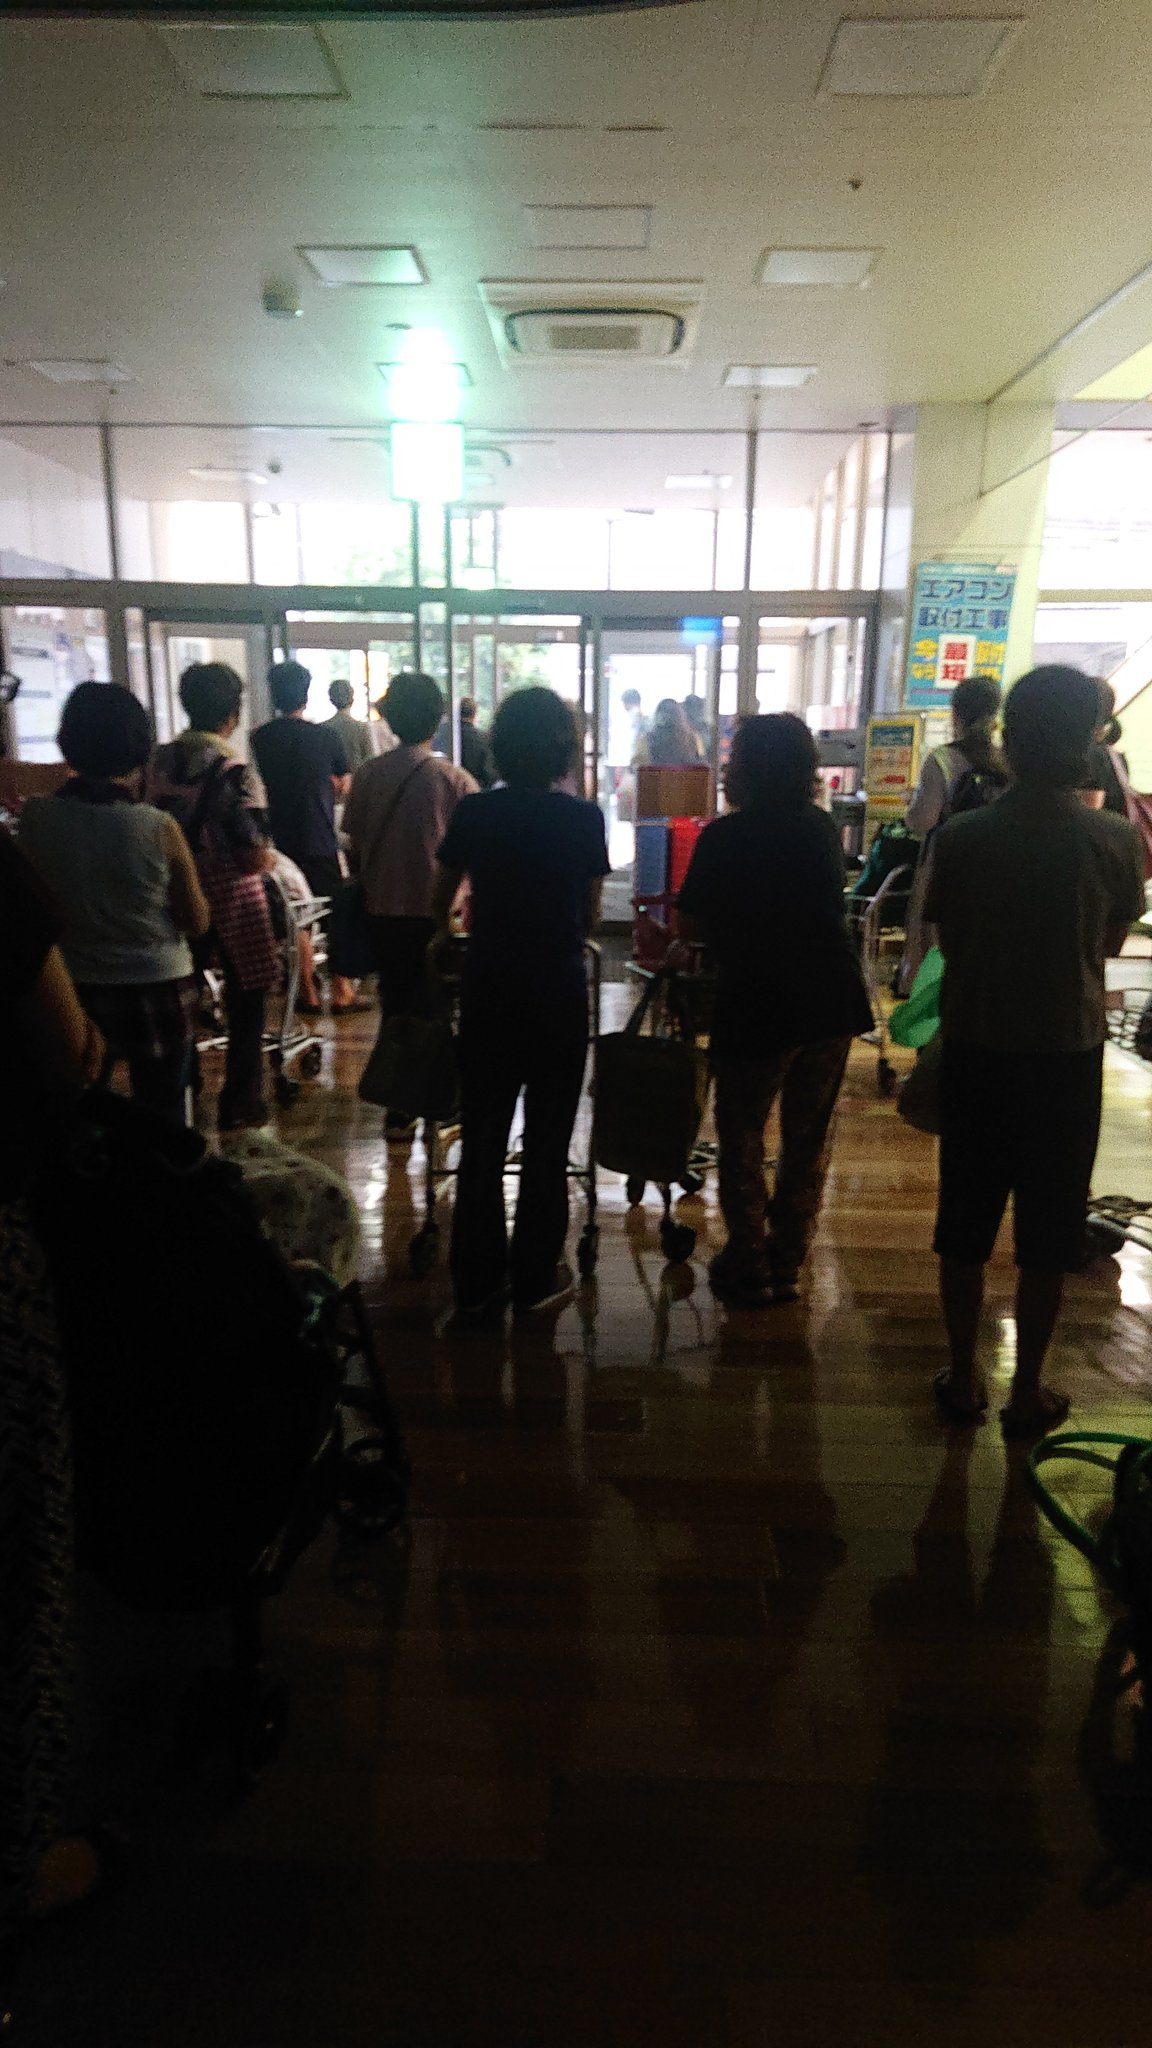 大阪市のゲリラ豪雨でスーパーが停電している画像